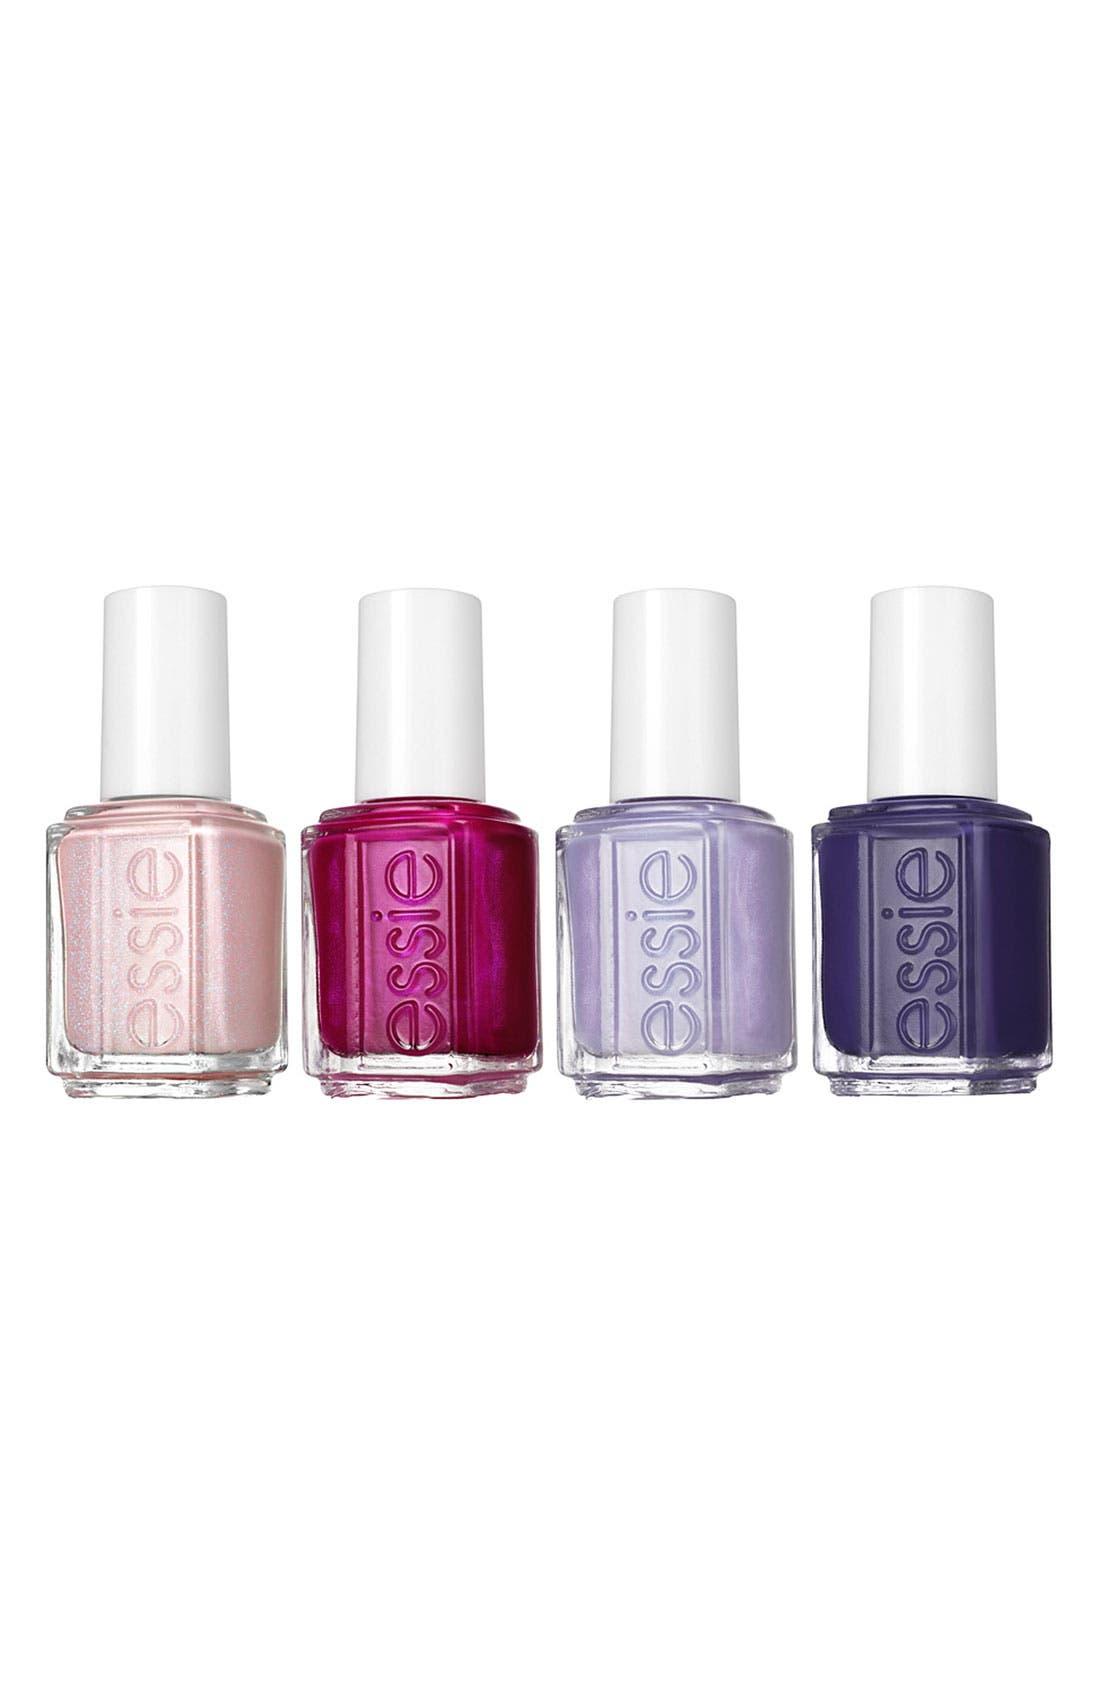 Nail Polish - Purples,                             Main thumbnail 1, color,                             205